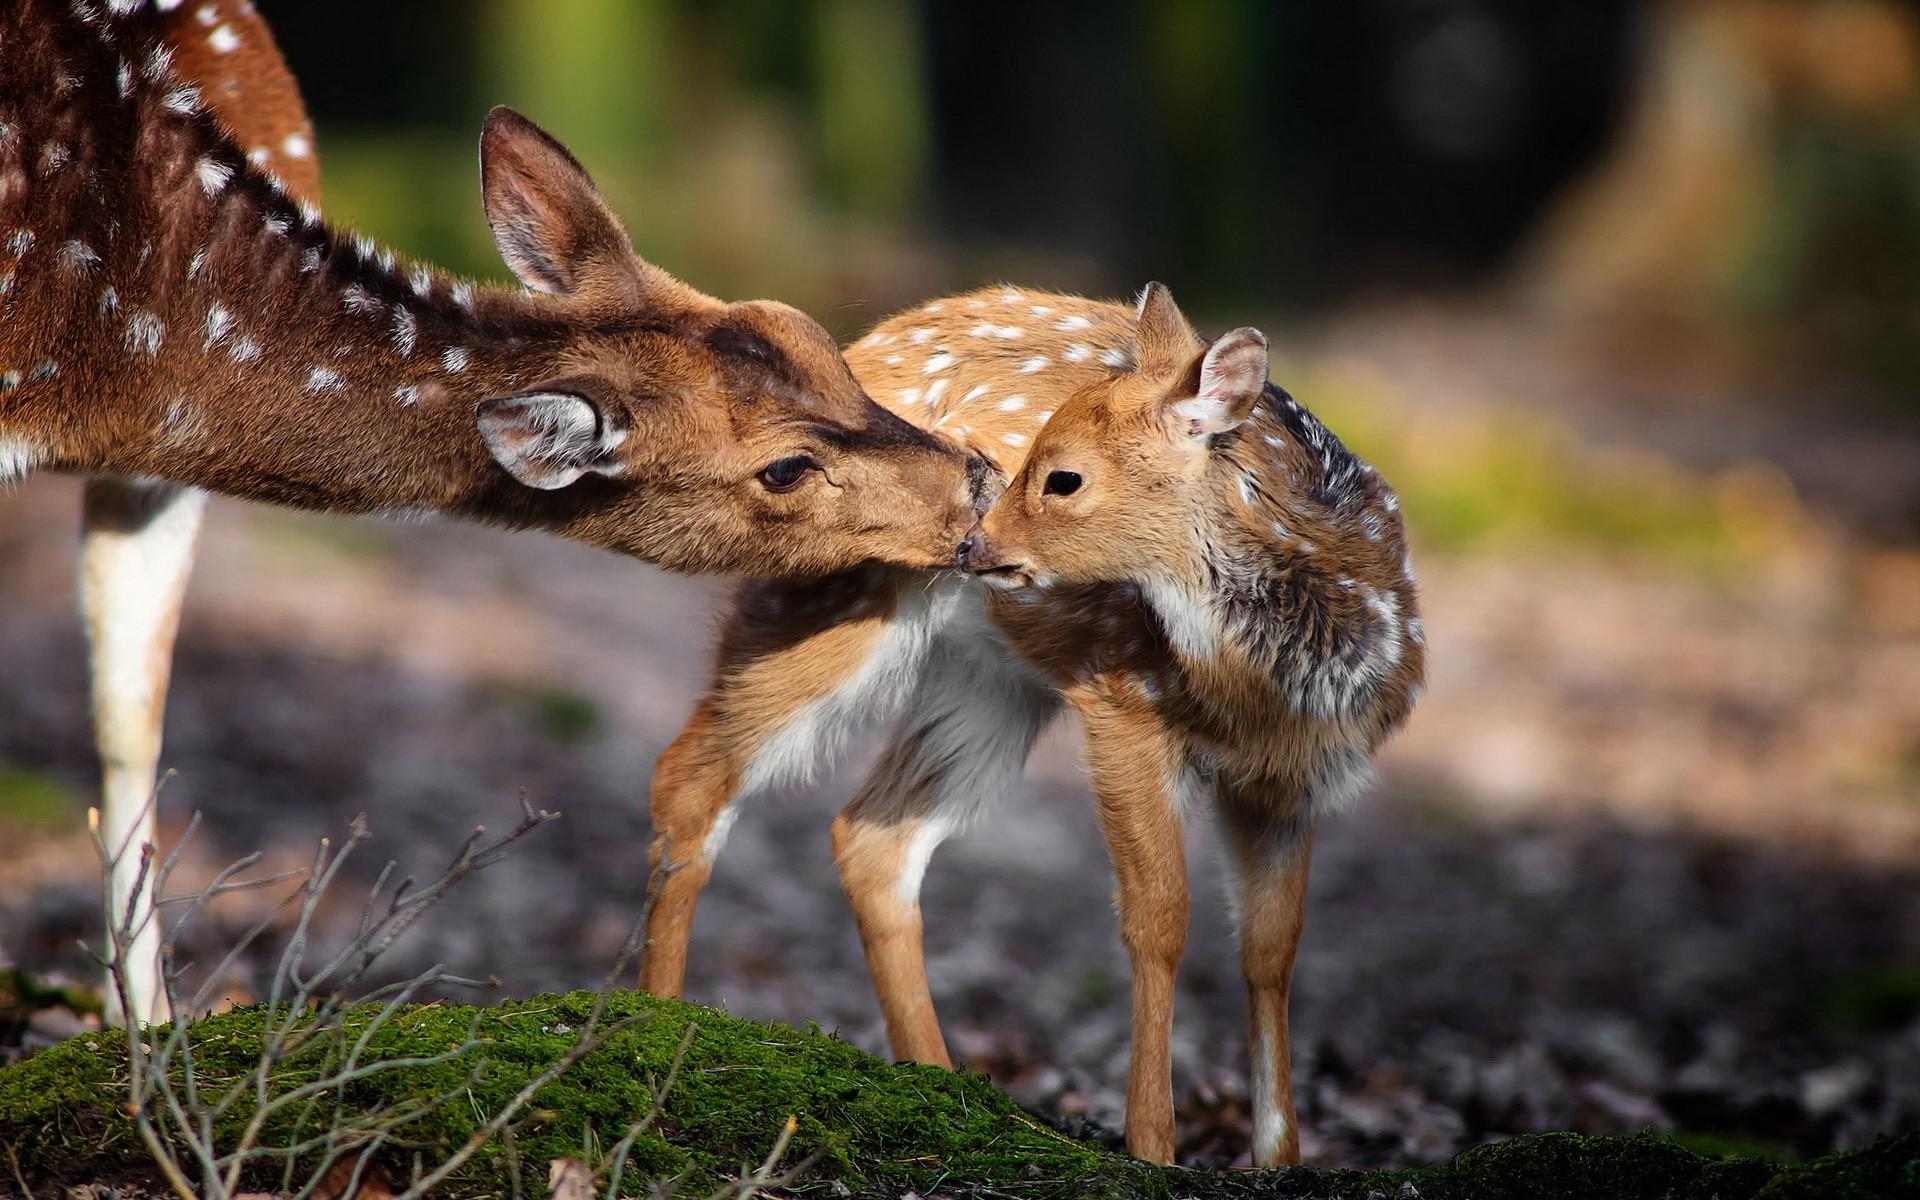 Nature, Animals, Deer, Baby Animals Wallpapers Hd / - Desktop Wallpaper Animals Nature , HD Wallpaper & Backgrounds